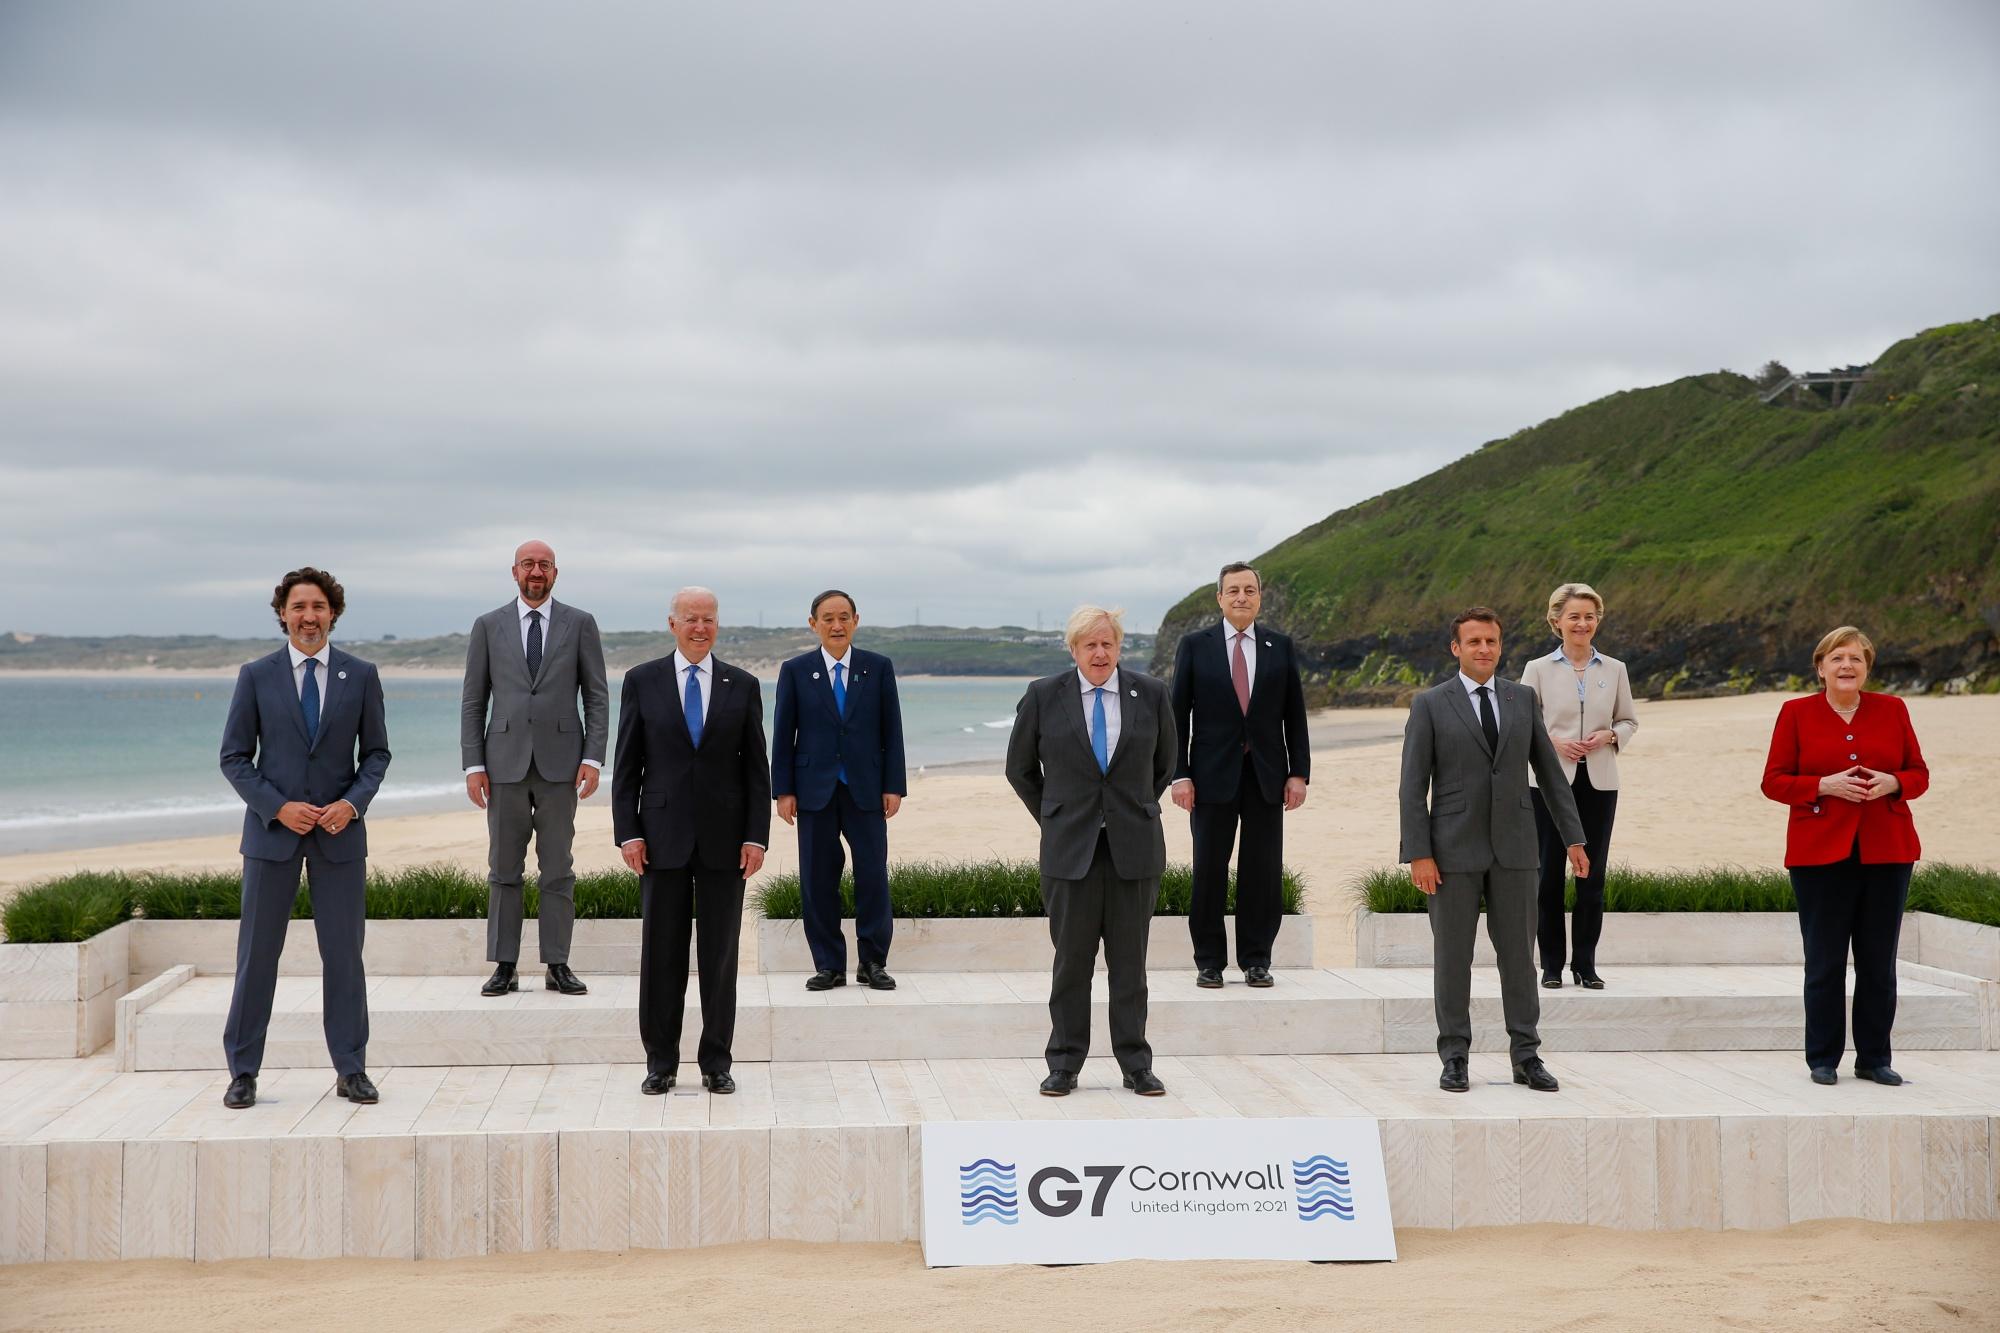 Erster Tag des Gipfels der G-7-Staats- und Regierungschefs